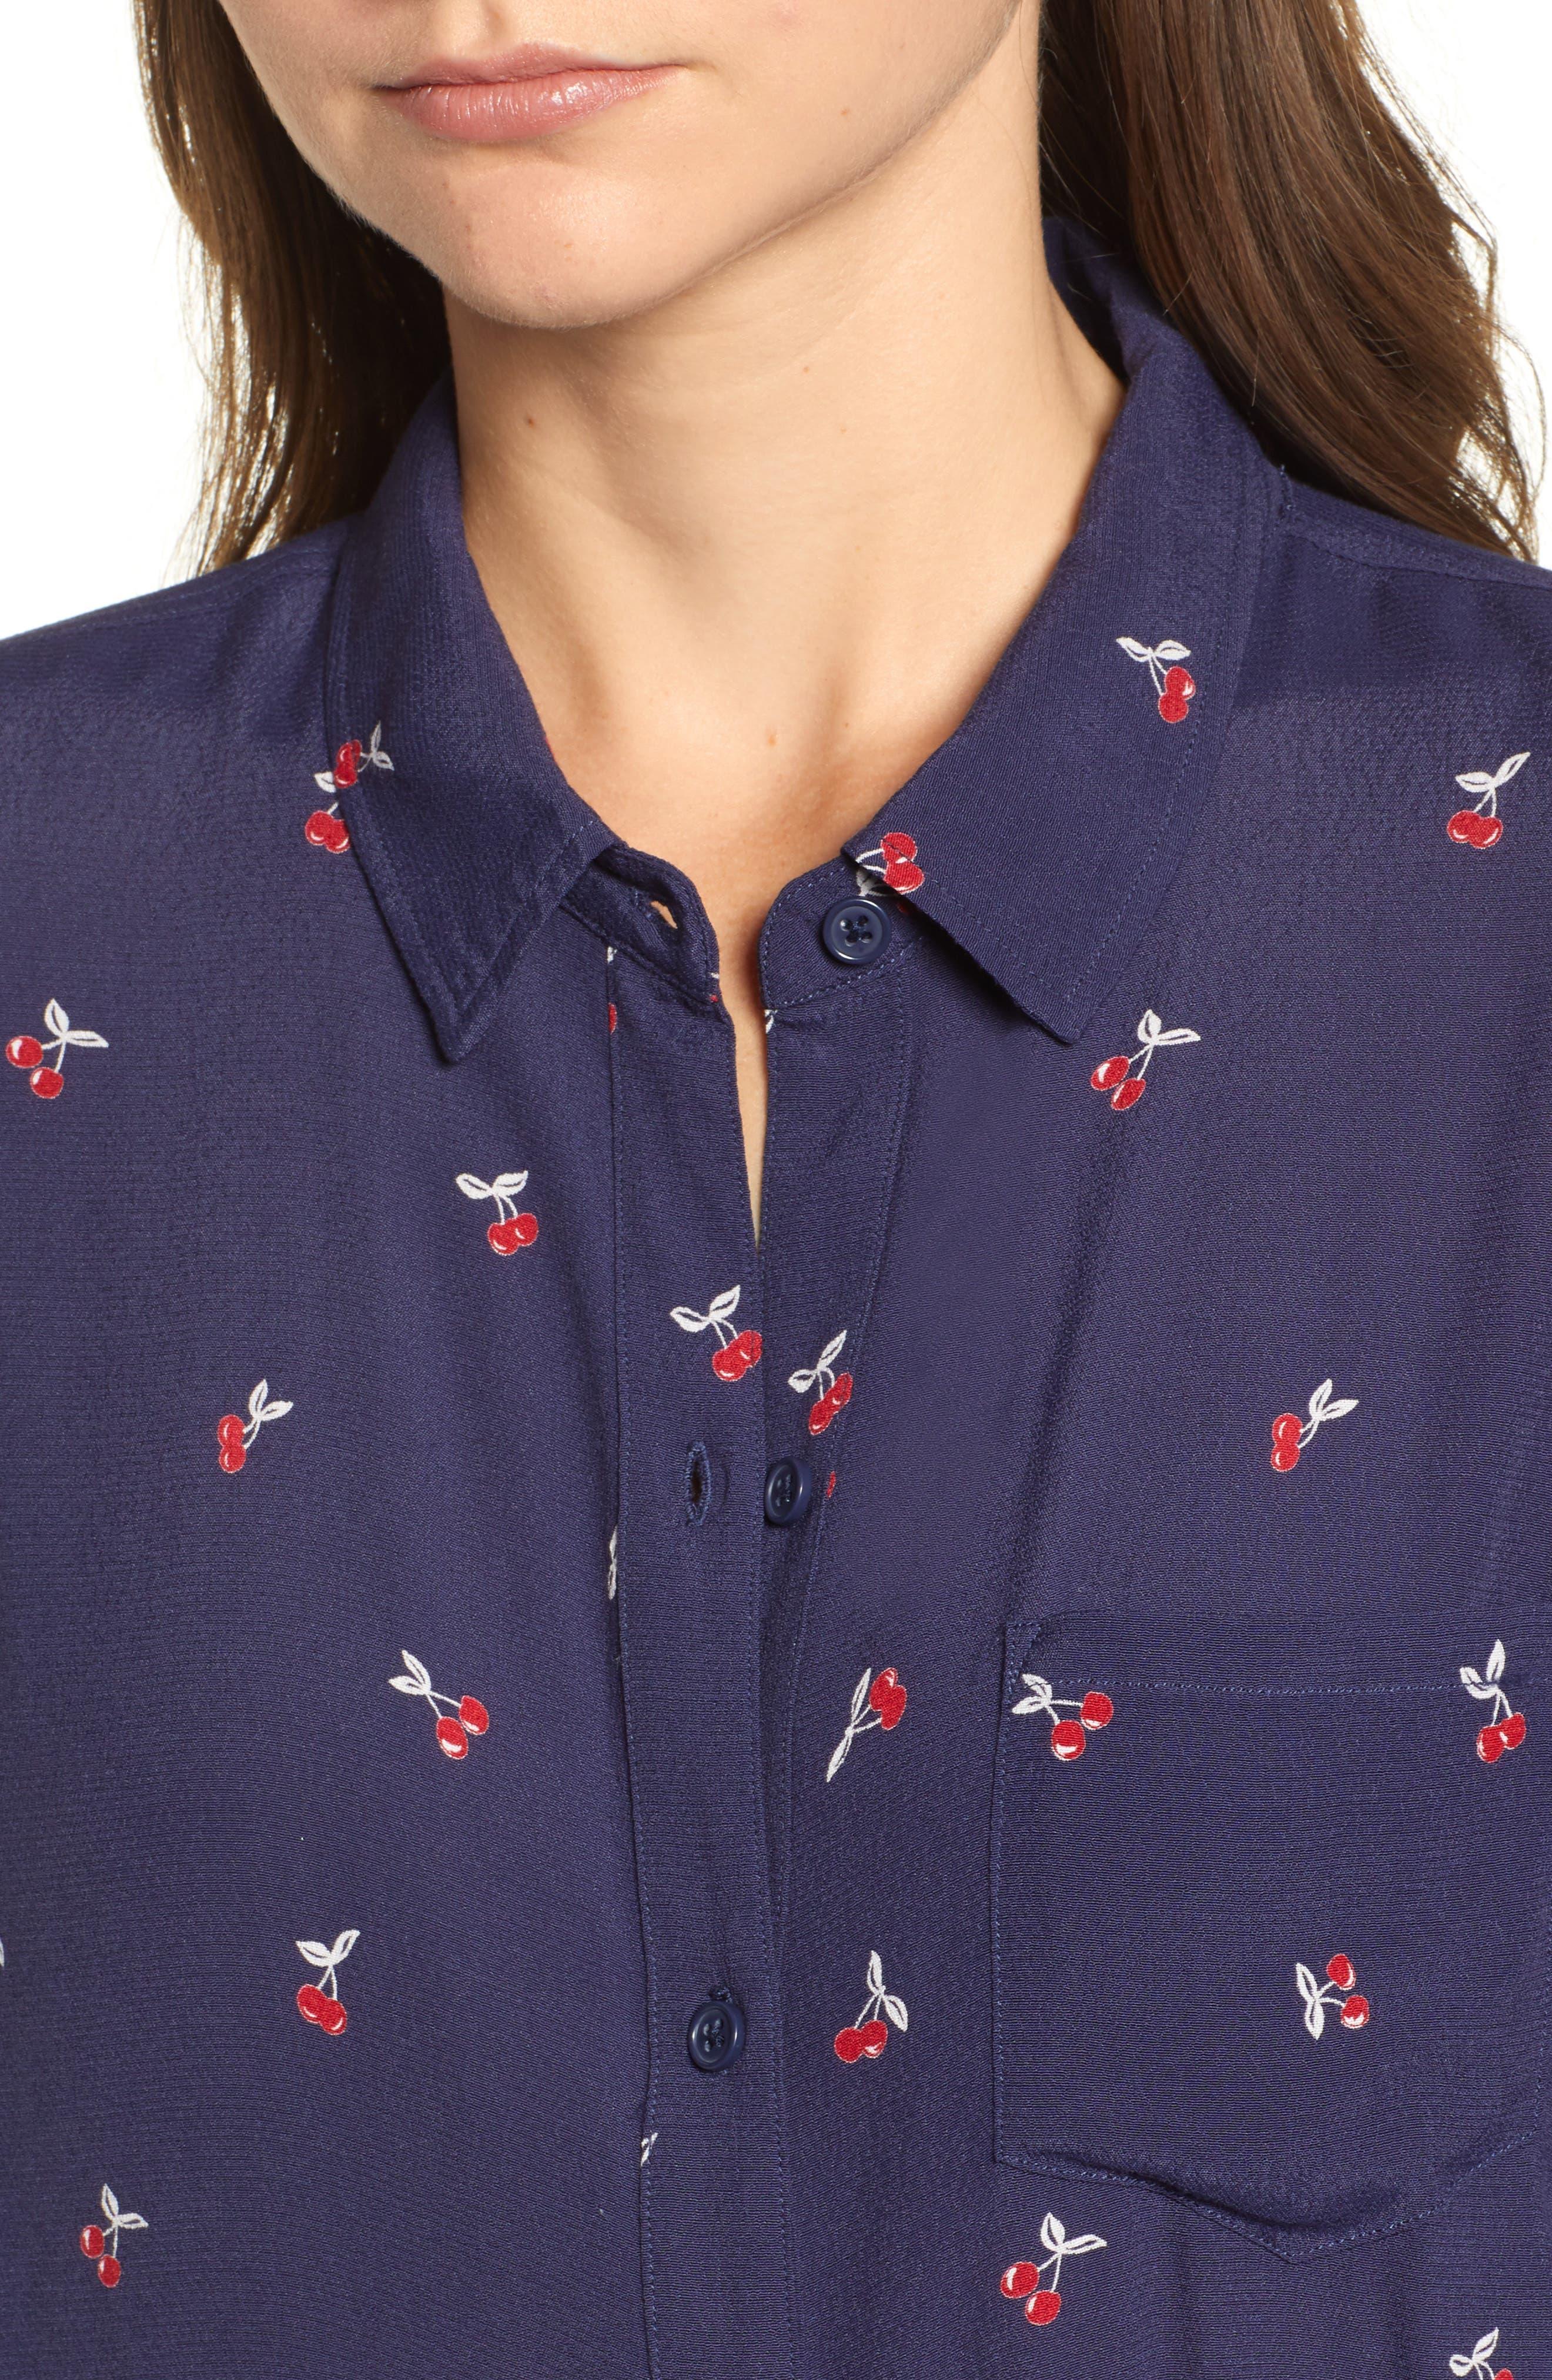 Kate Print Shirt,                             Alternate thumbnail 67, color,